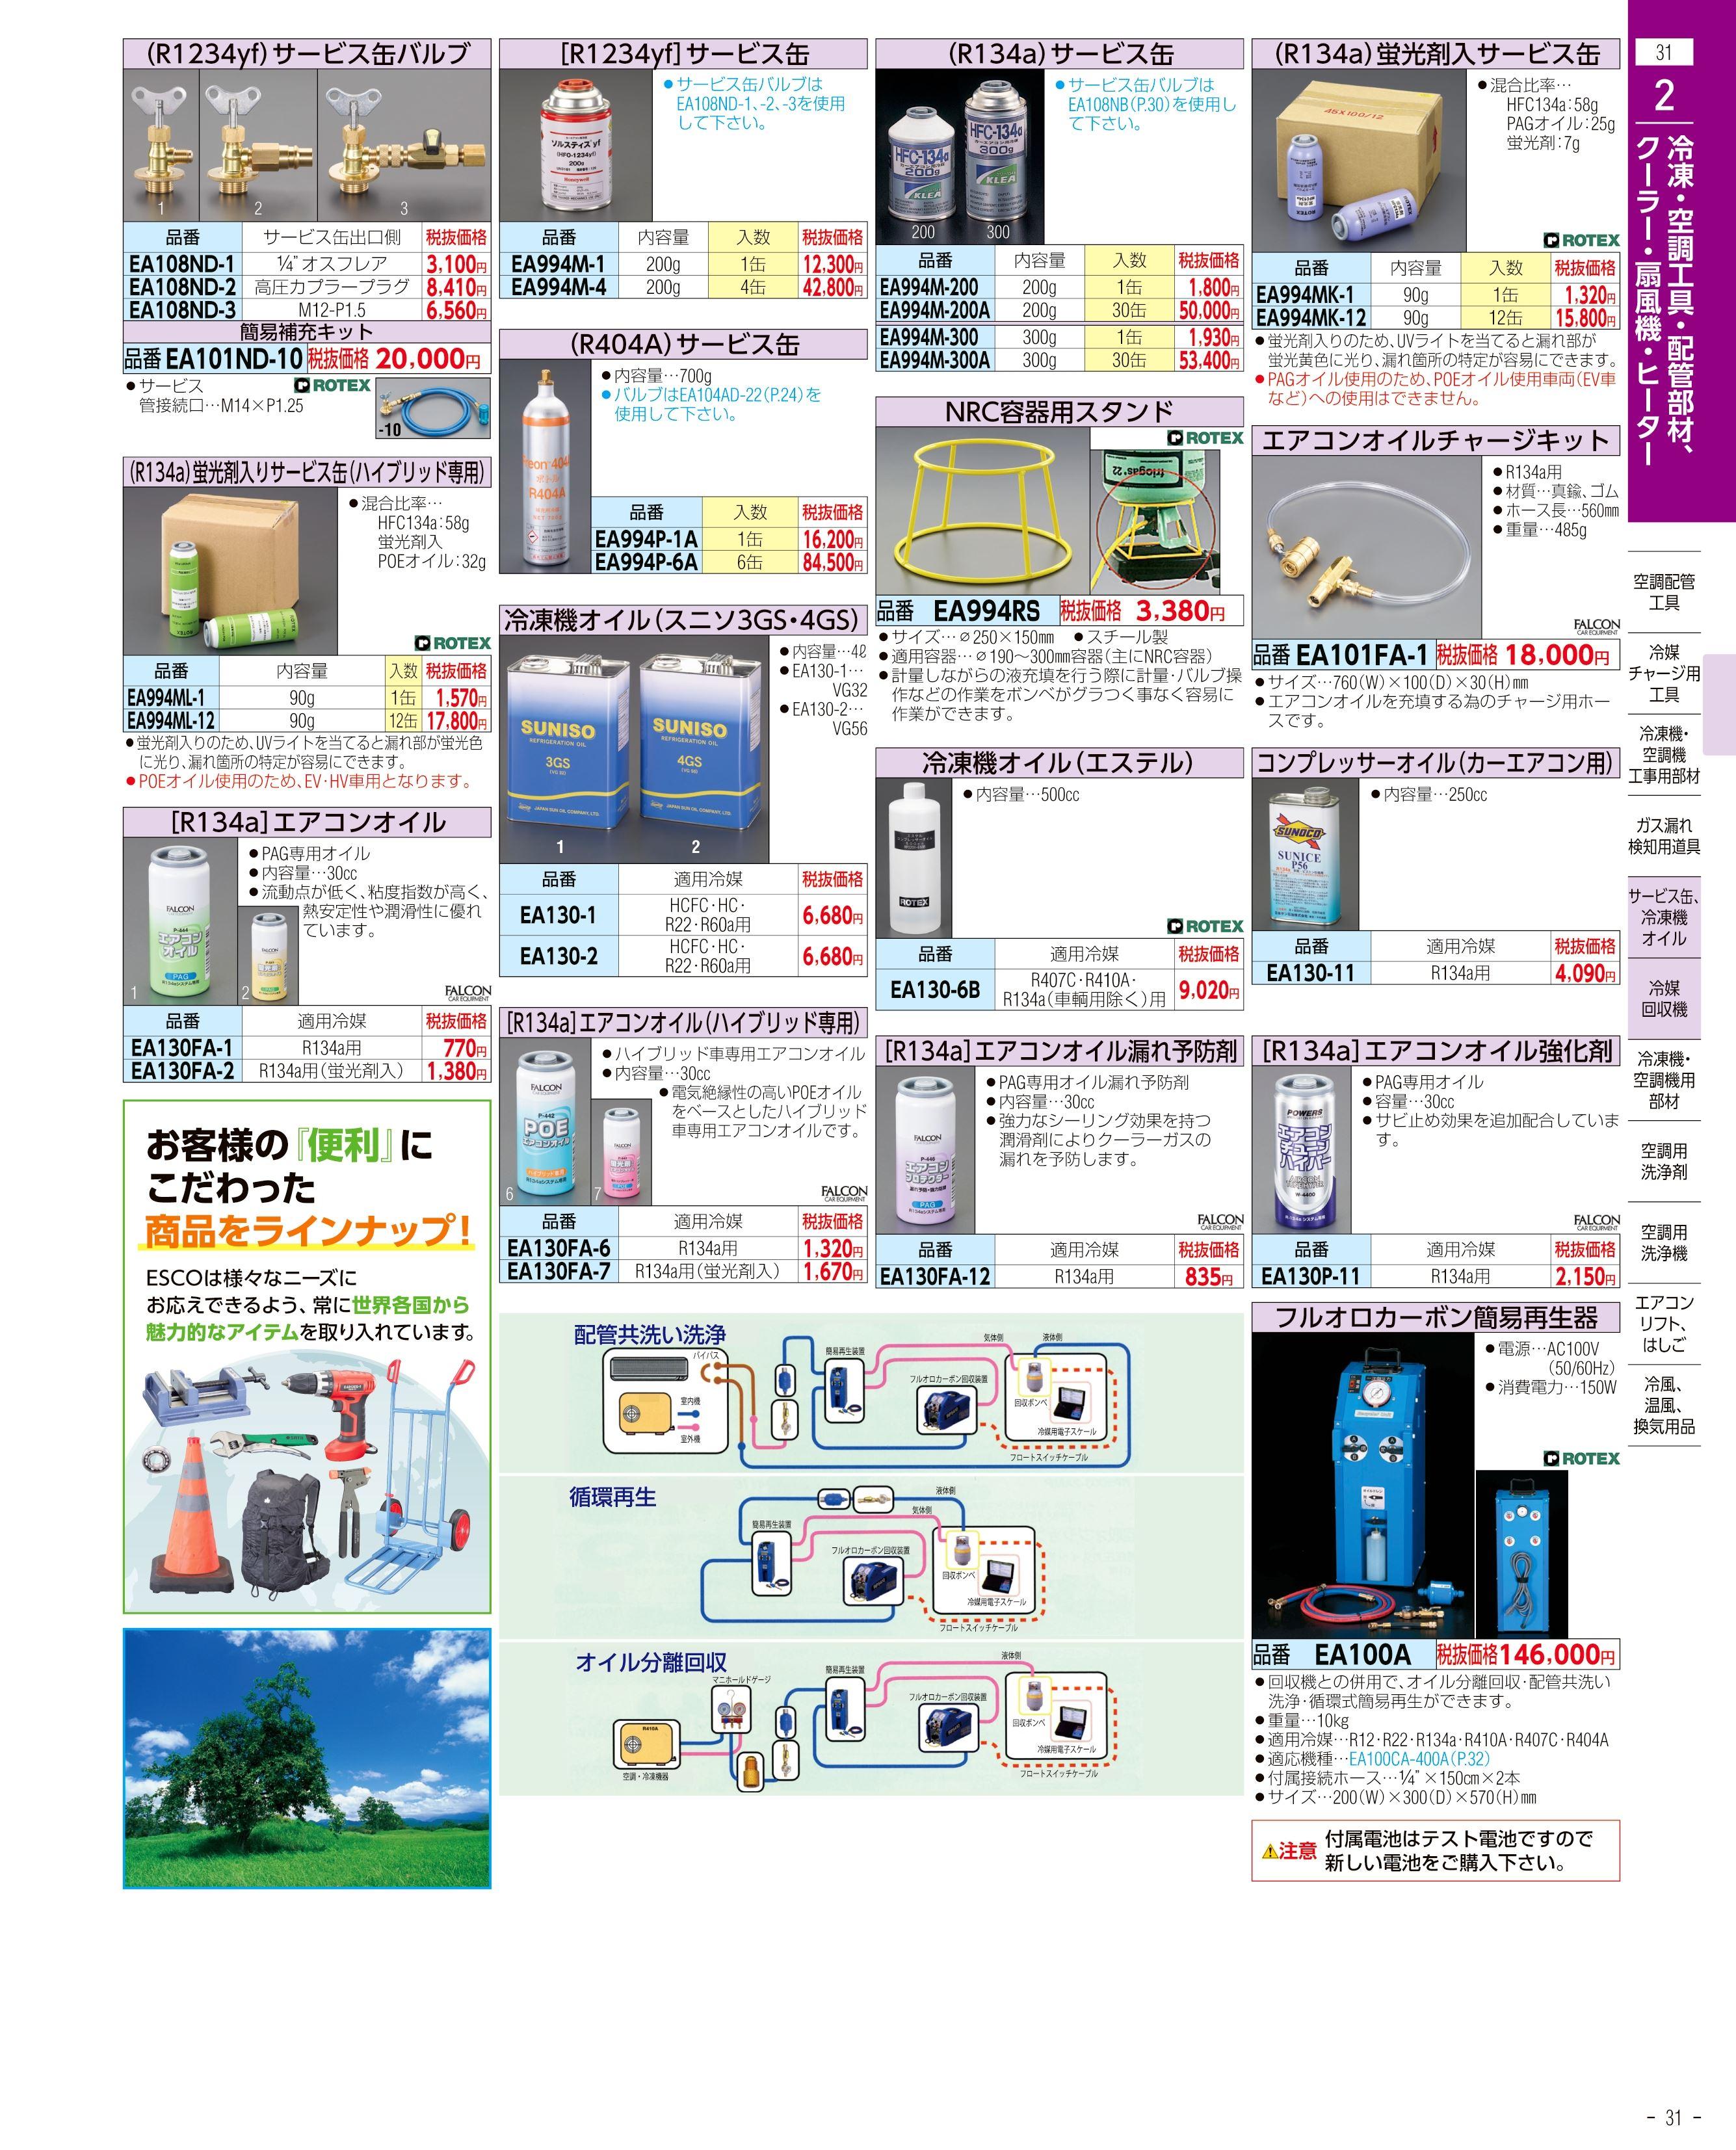 エスコ便利カタログ31ページ